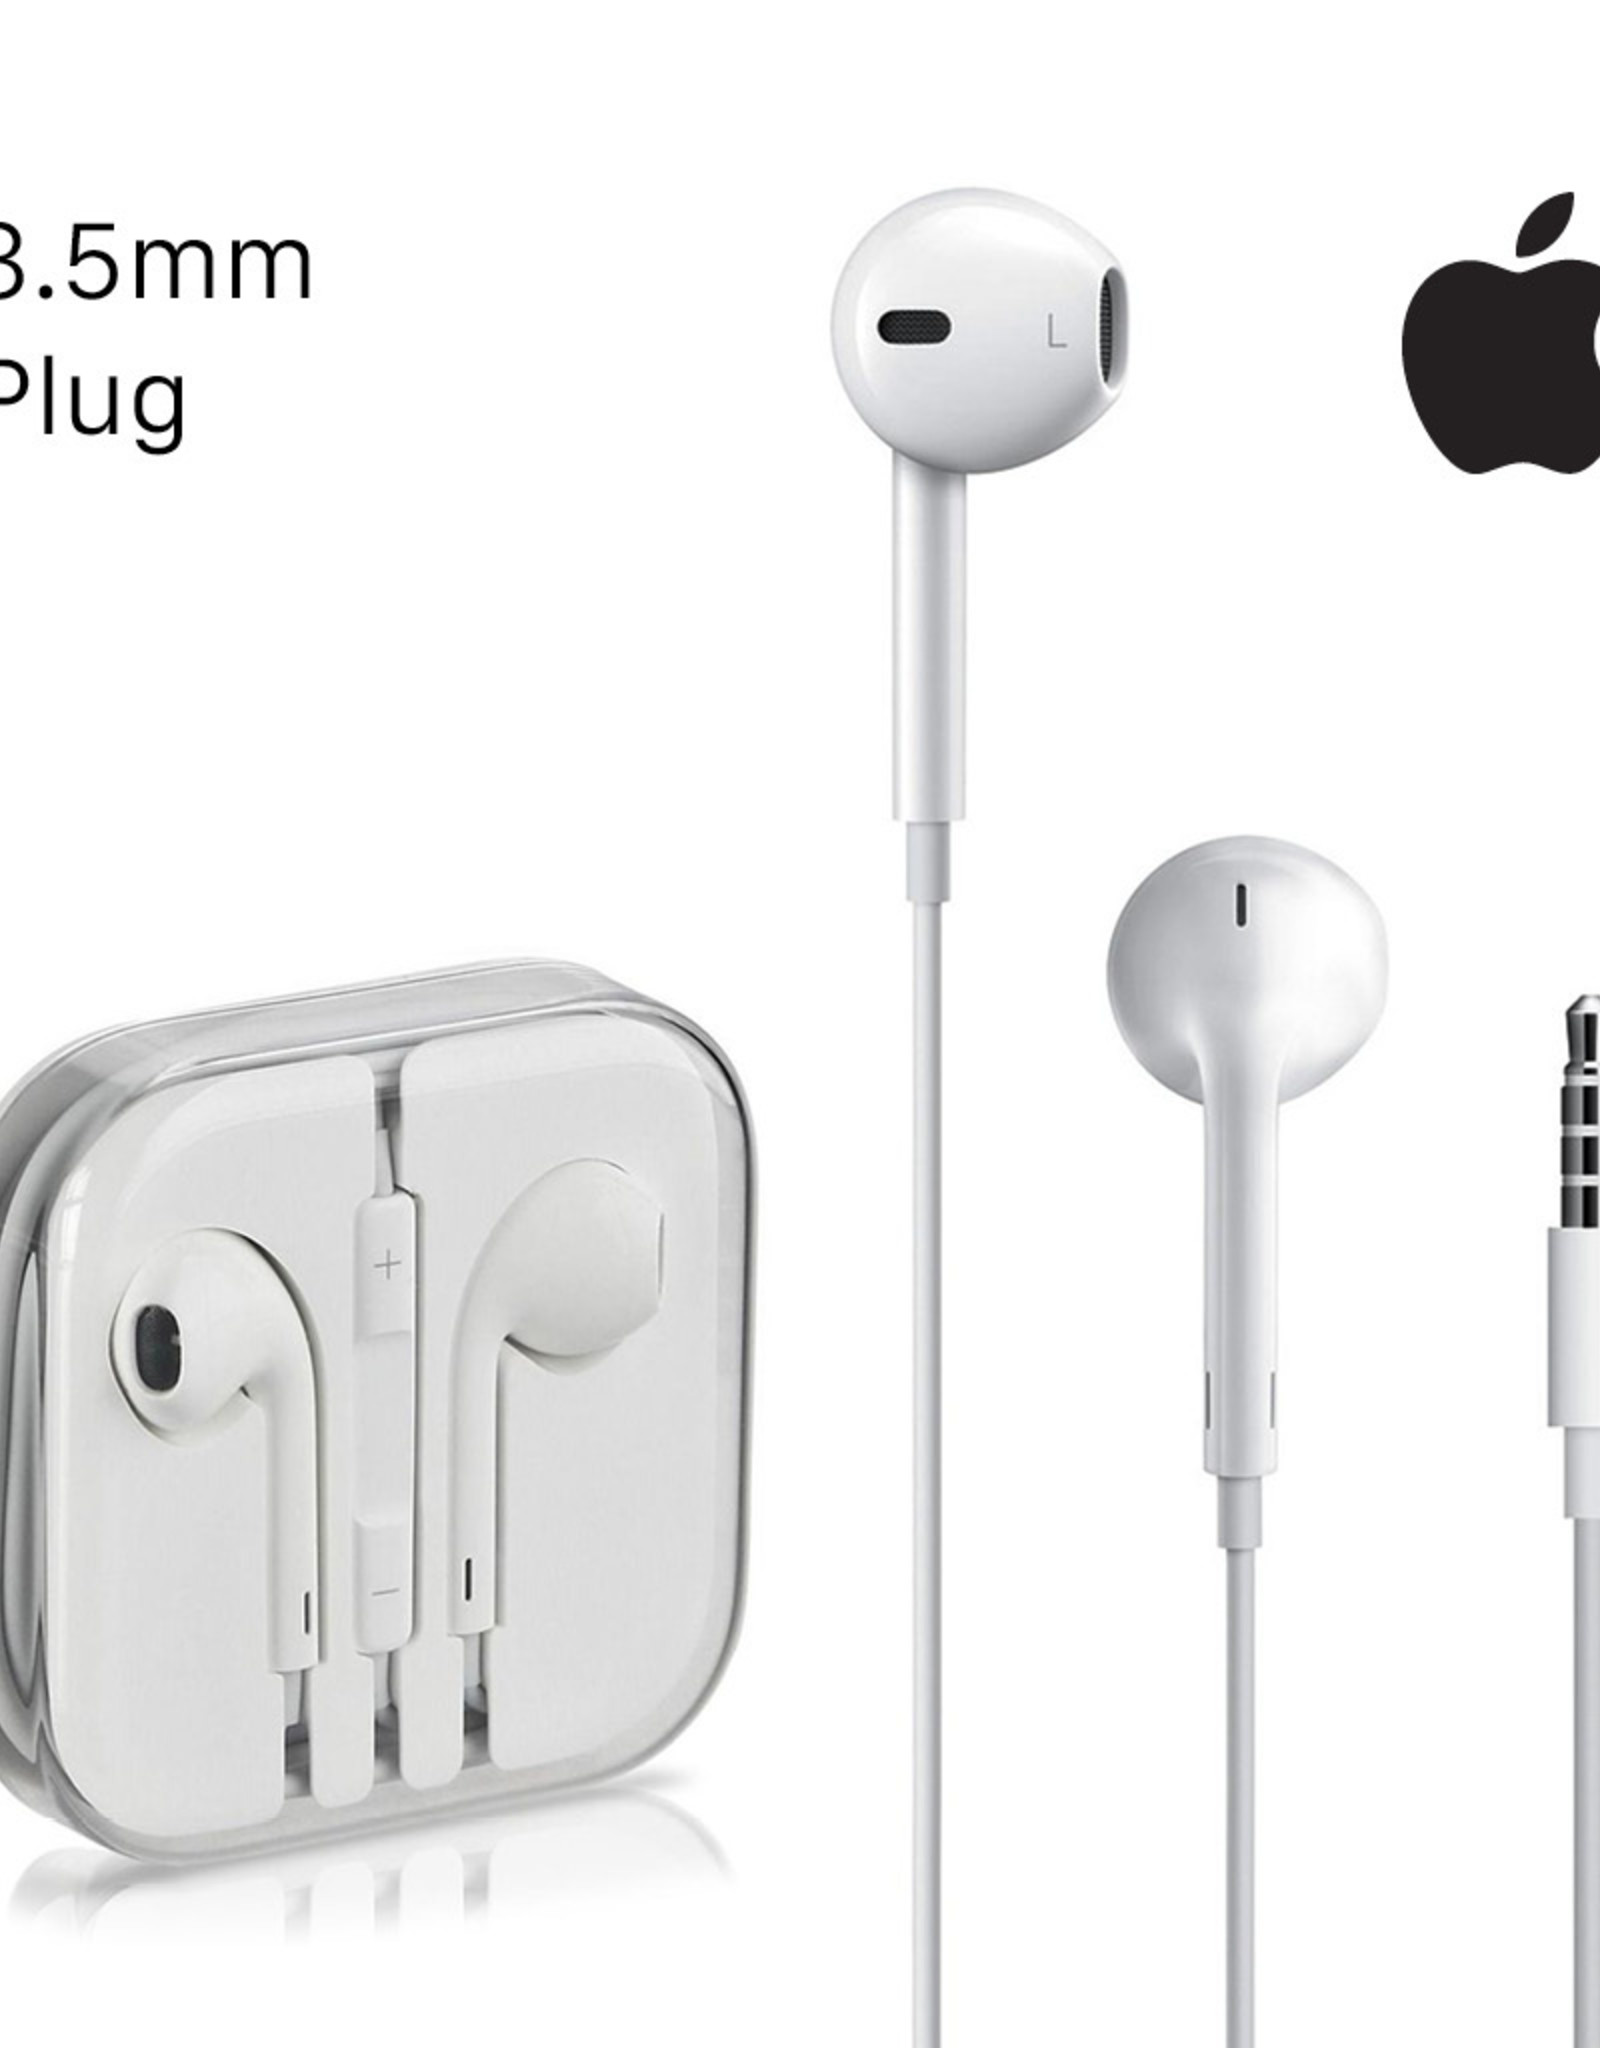 Apple Apple EarPods Earphones w/ Mic 3.5mm Connection